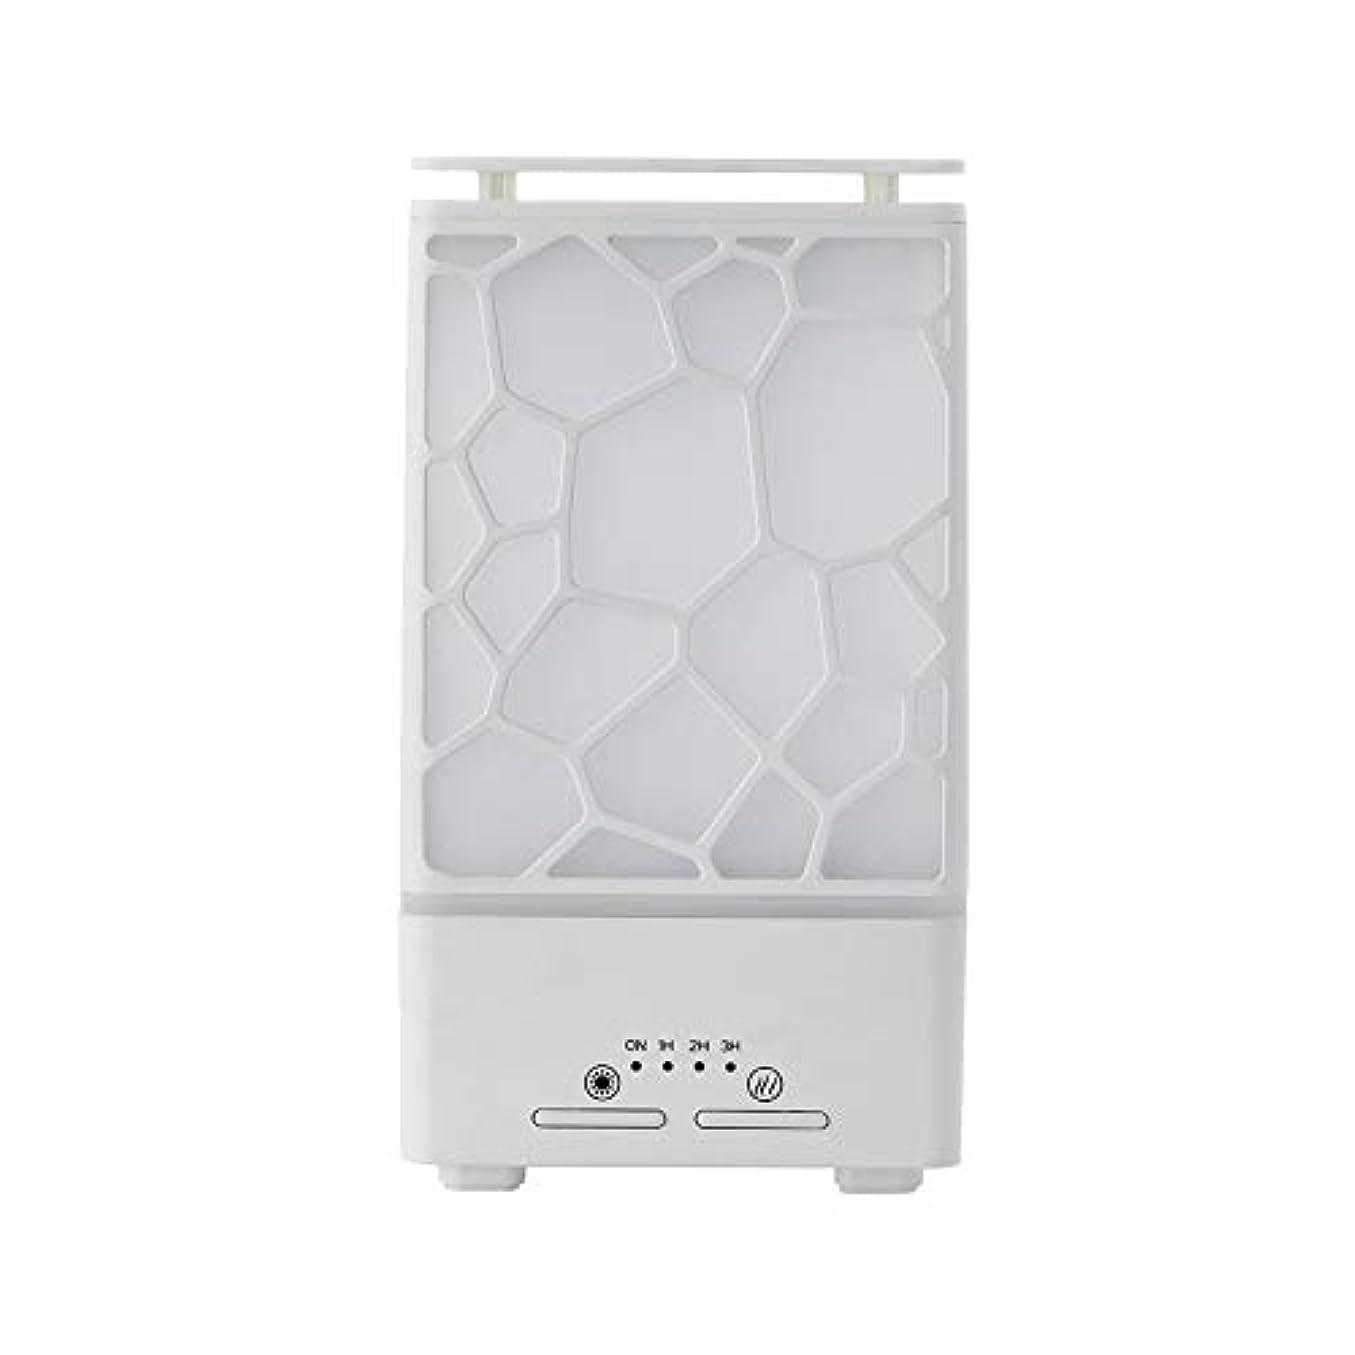 徹底的に安心安心yanQxIzbiu Essential Oil Diffuser Geometric Plaid Aroma Essential Oil Diffuser Home Office LED Lights Humidifier...